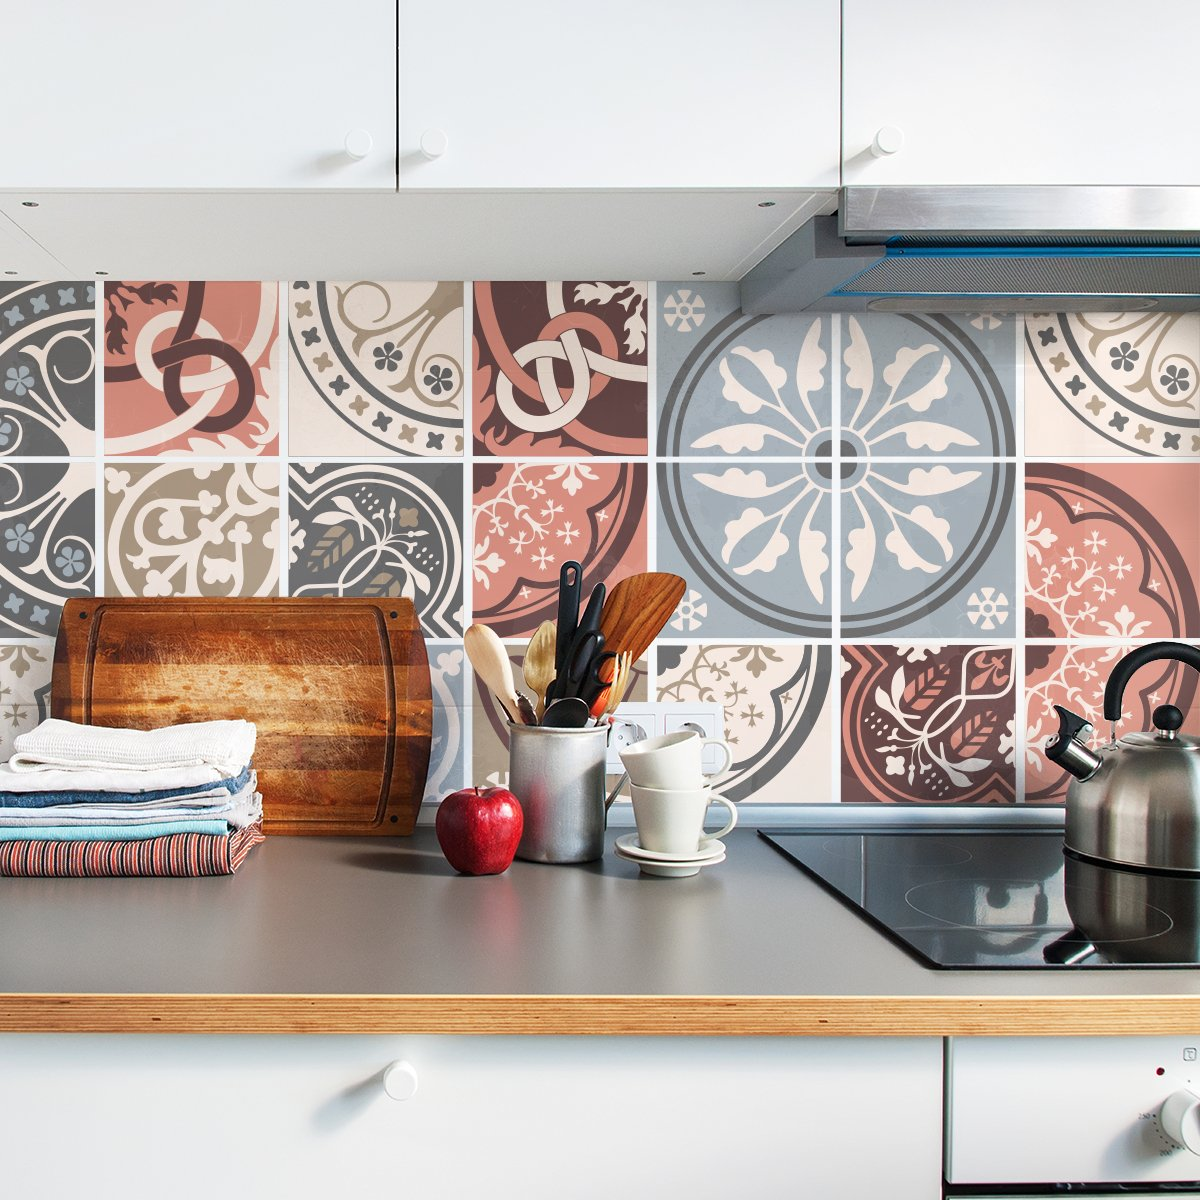 Vintage Moroccan tile adesivi per piastrelle–Set per cucina e bagno–Confezione da 24–disponibile in varie misure, 4x4 inches | 10x10 cm Sirface